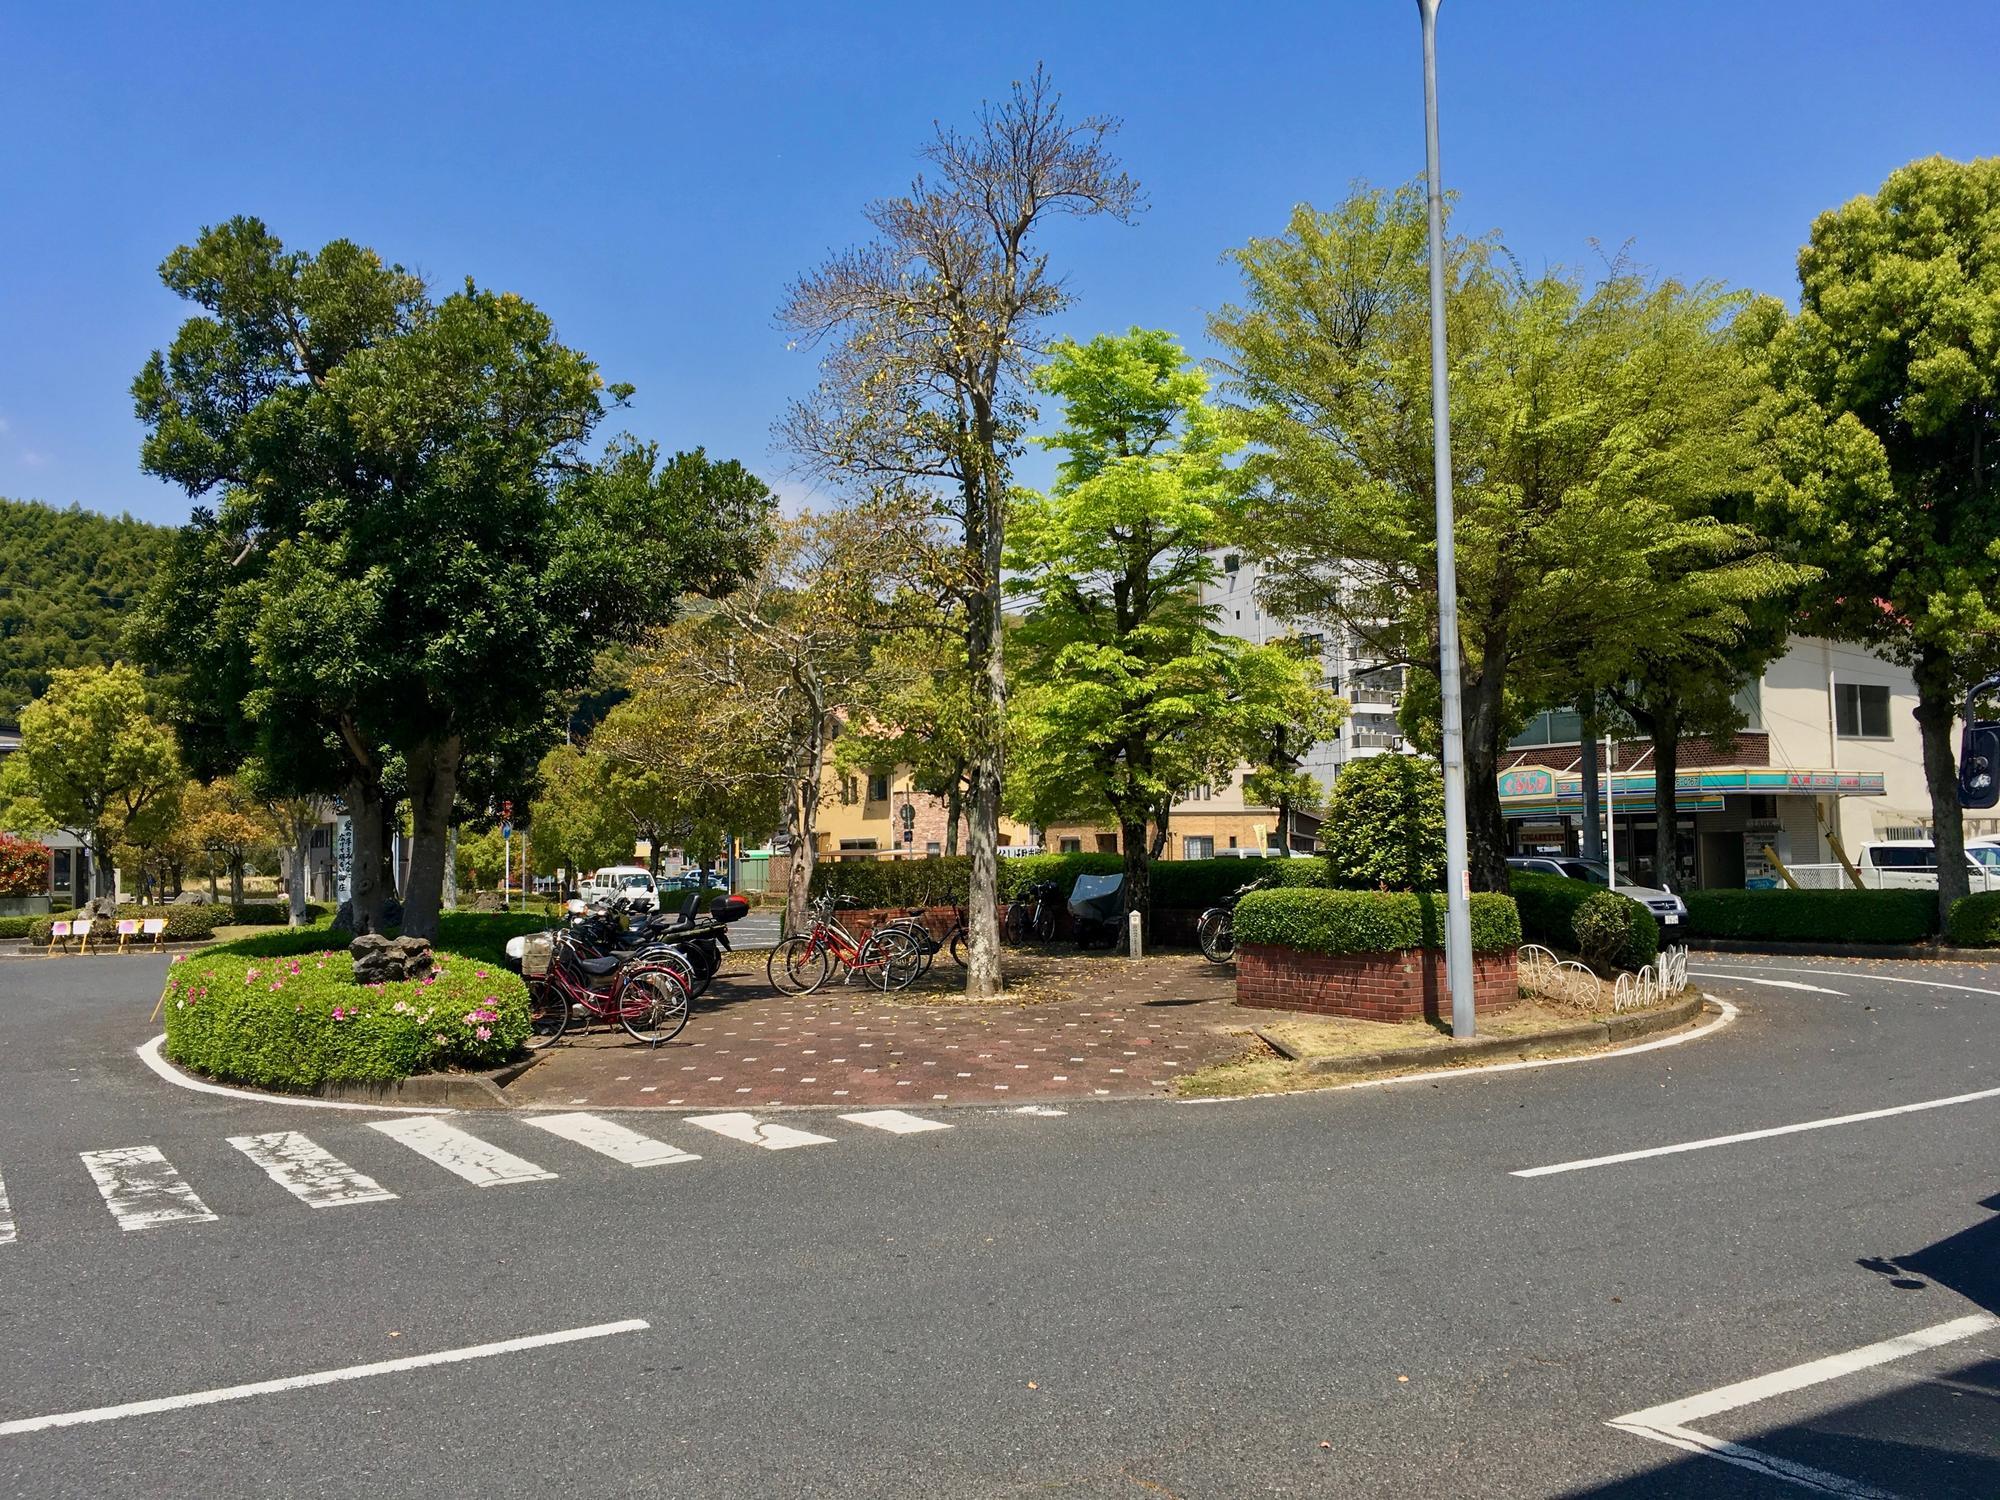 🇯🇵 Ивакуни, Япония, апрель 2019.